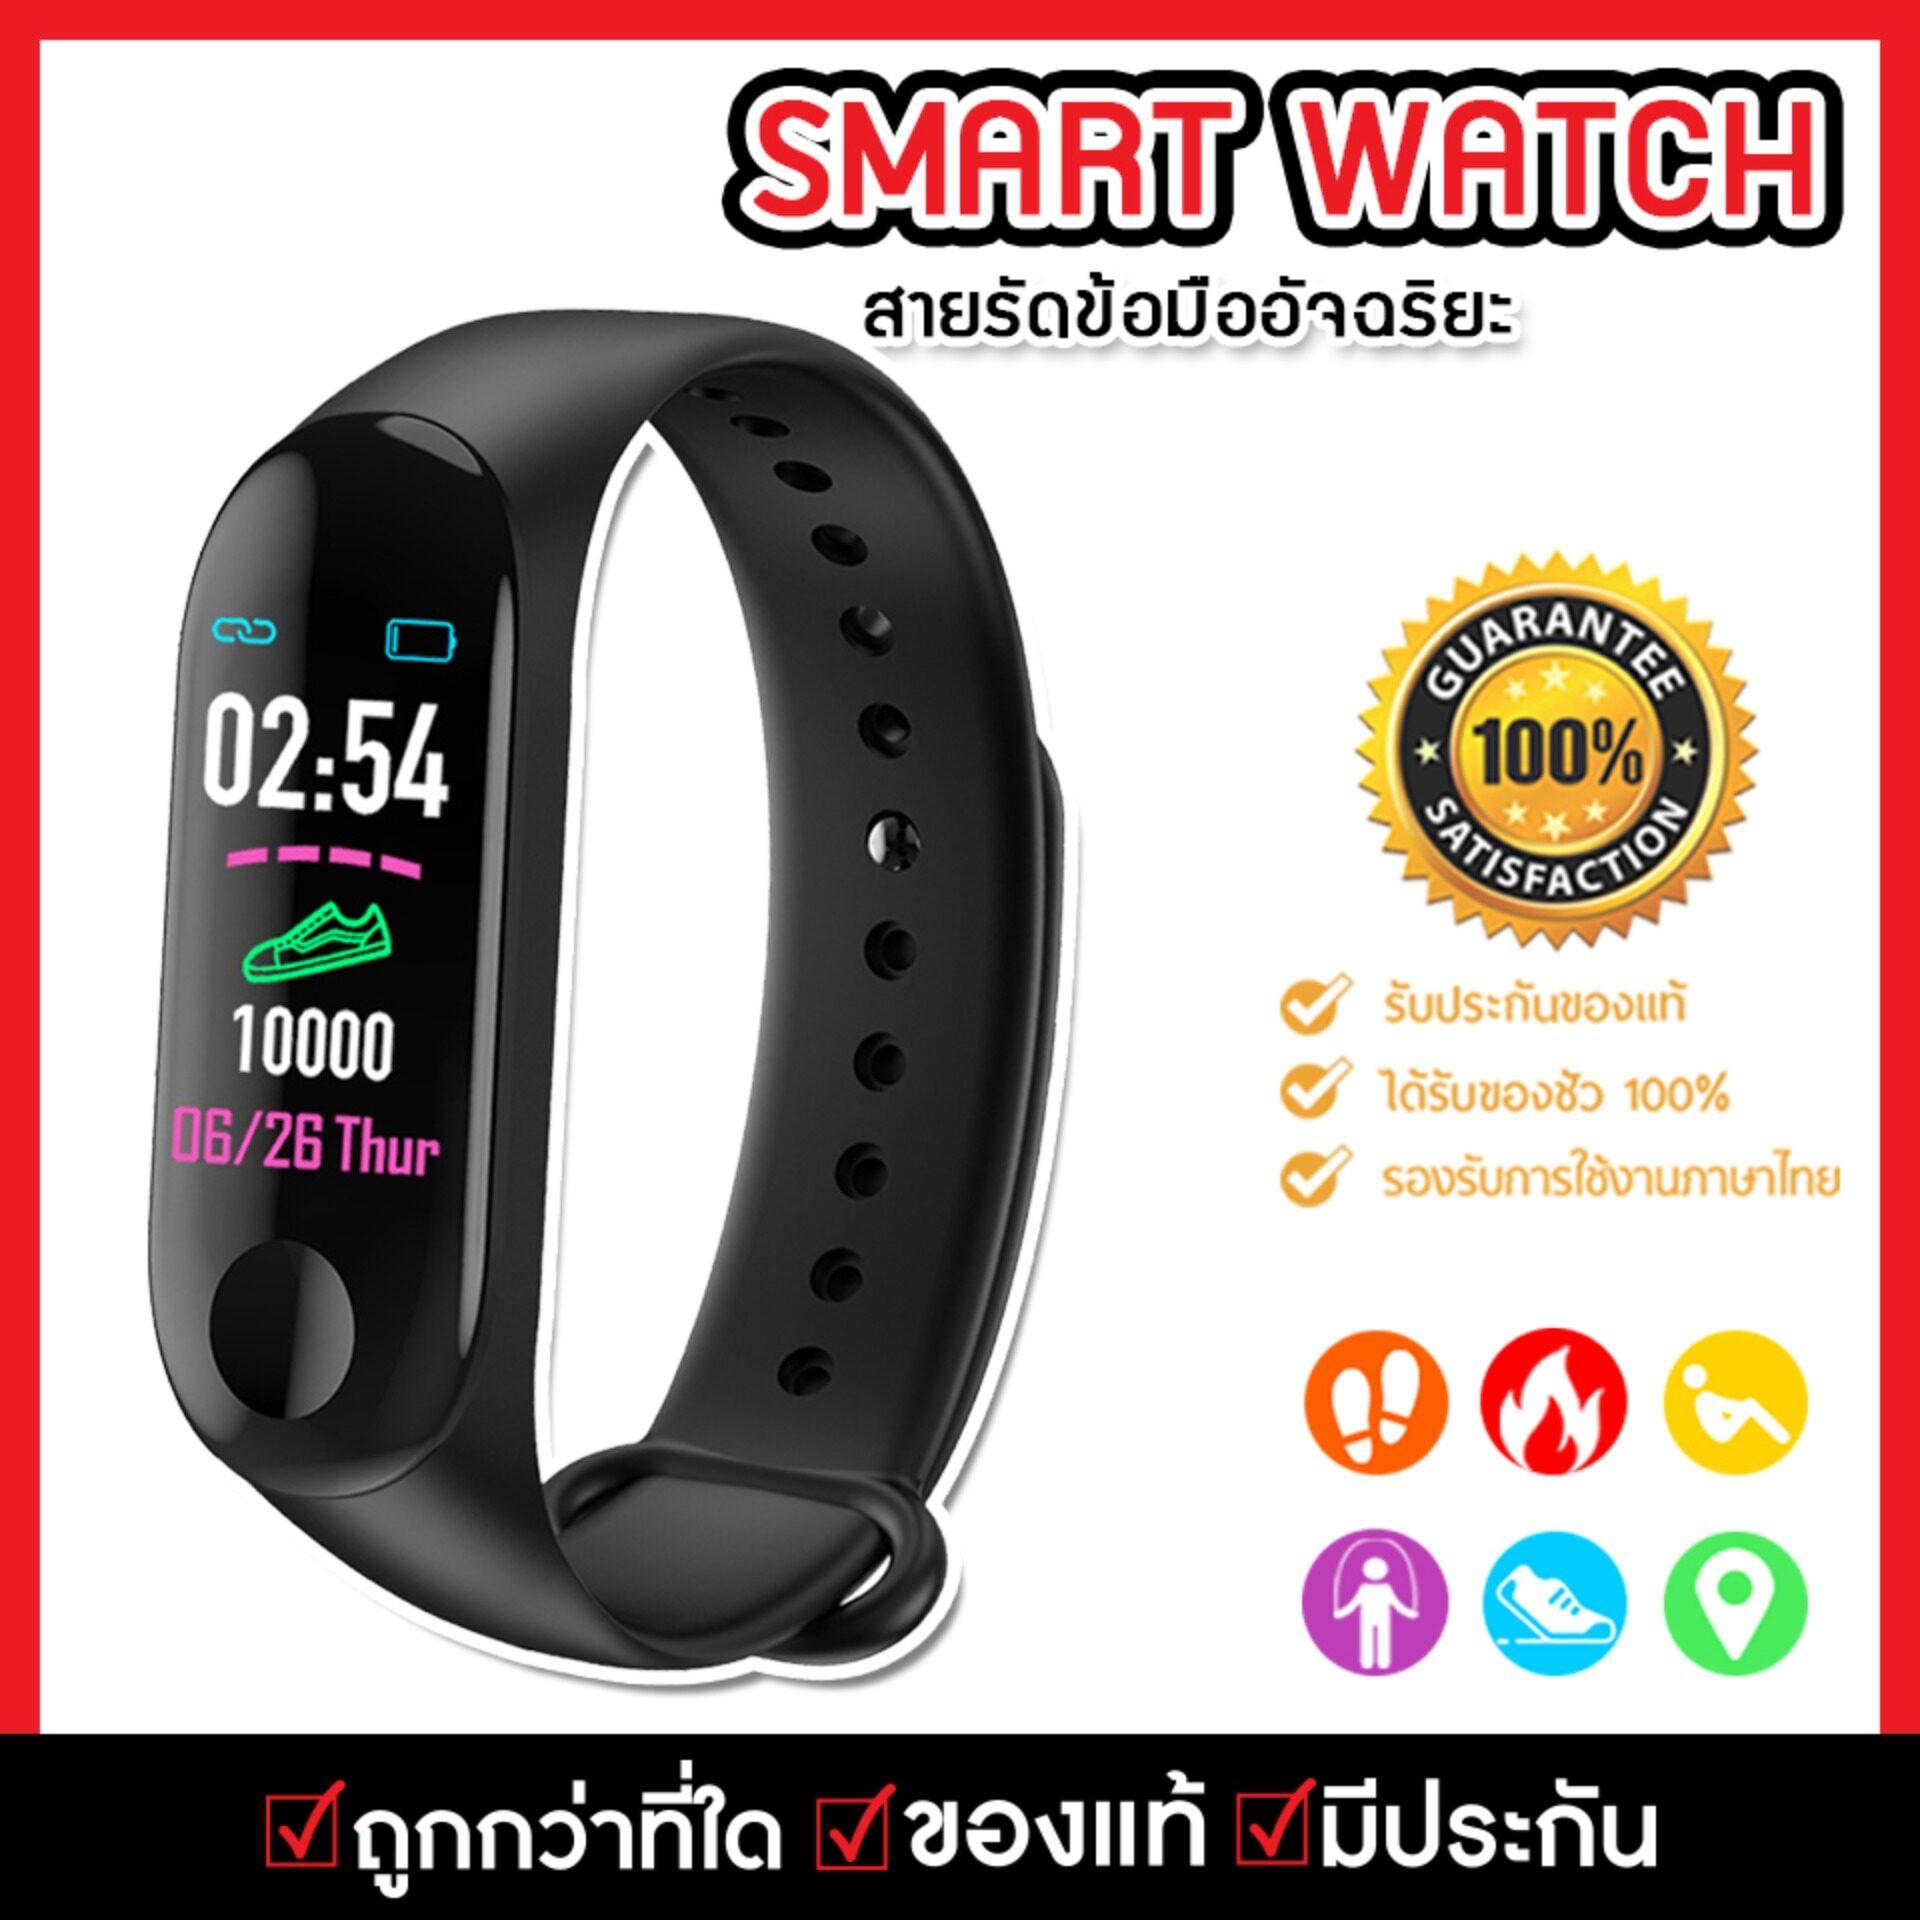 Desktopshopth นาฬิกาข้อมือ สายซิลิโคนนุ่ม Smart Watch นับก้าวเดิน วัดอัตราการเต้นของหัวใจ วัดแคลอรี่ แจ้งเตือนสายเรียกเข้า วัดความดัน เชื่อมต่อผ่าน Bluetoot รุ่น M3.